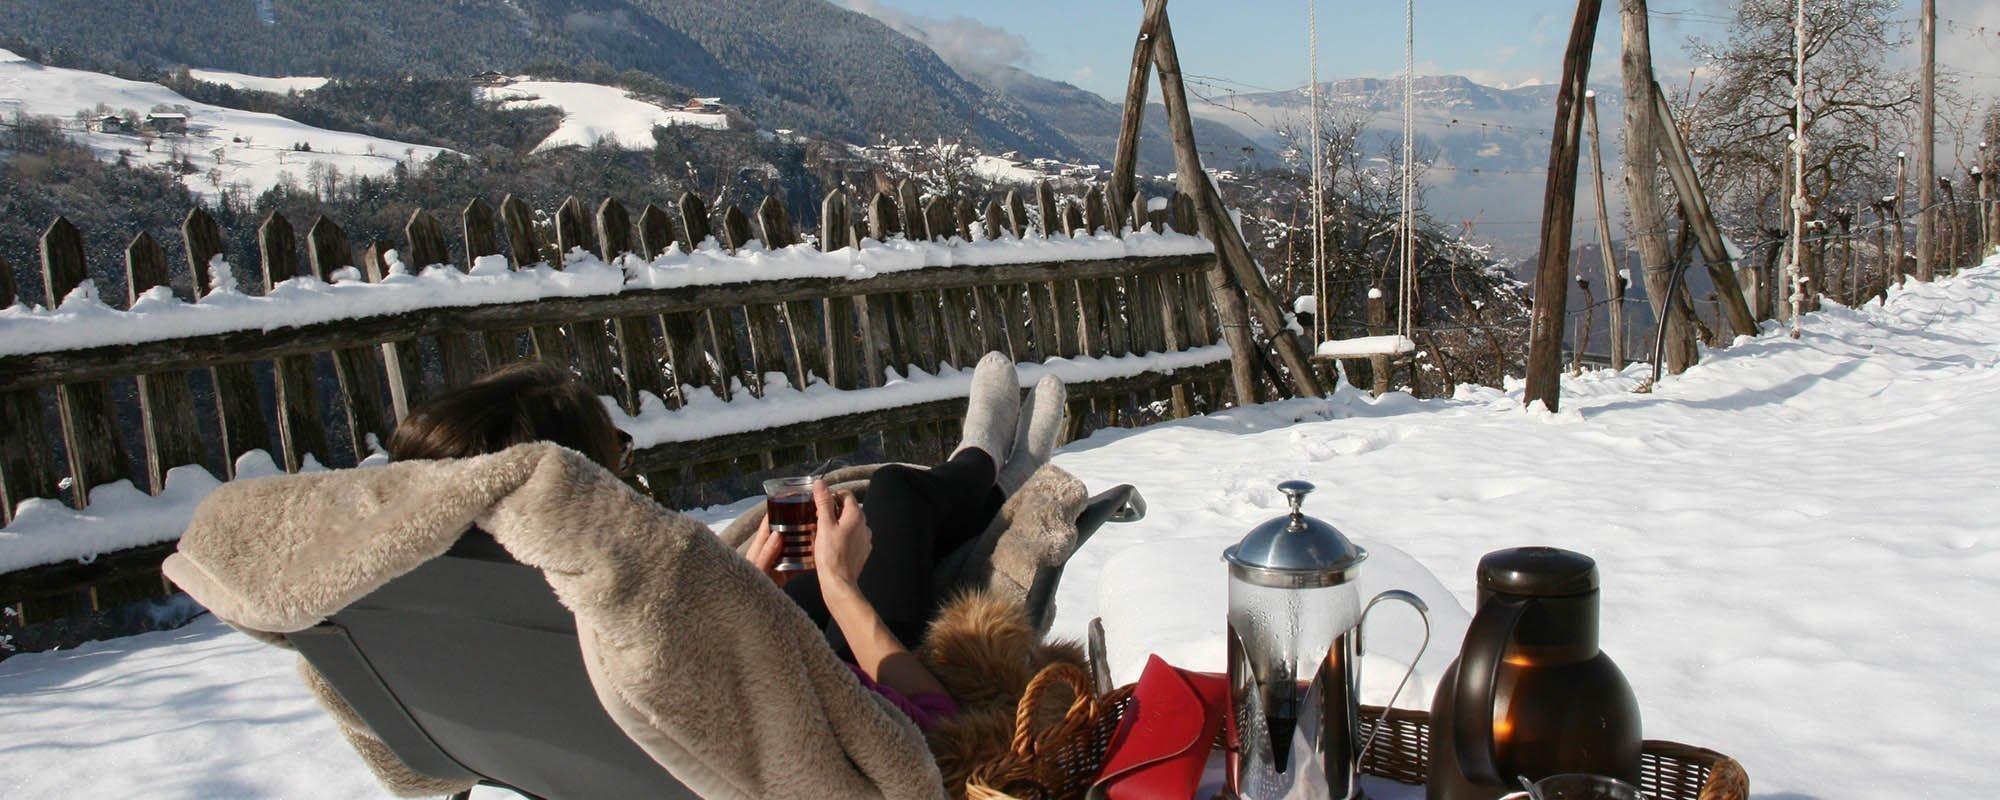 Winterurlaub in den Südtiroler Bergen